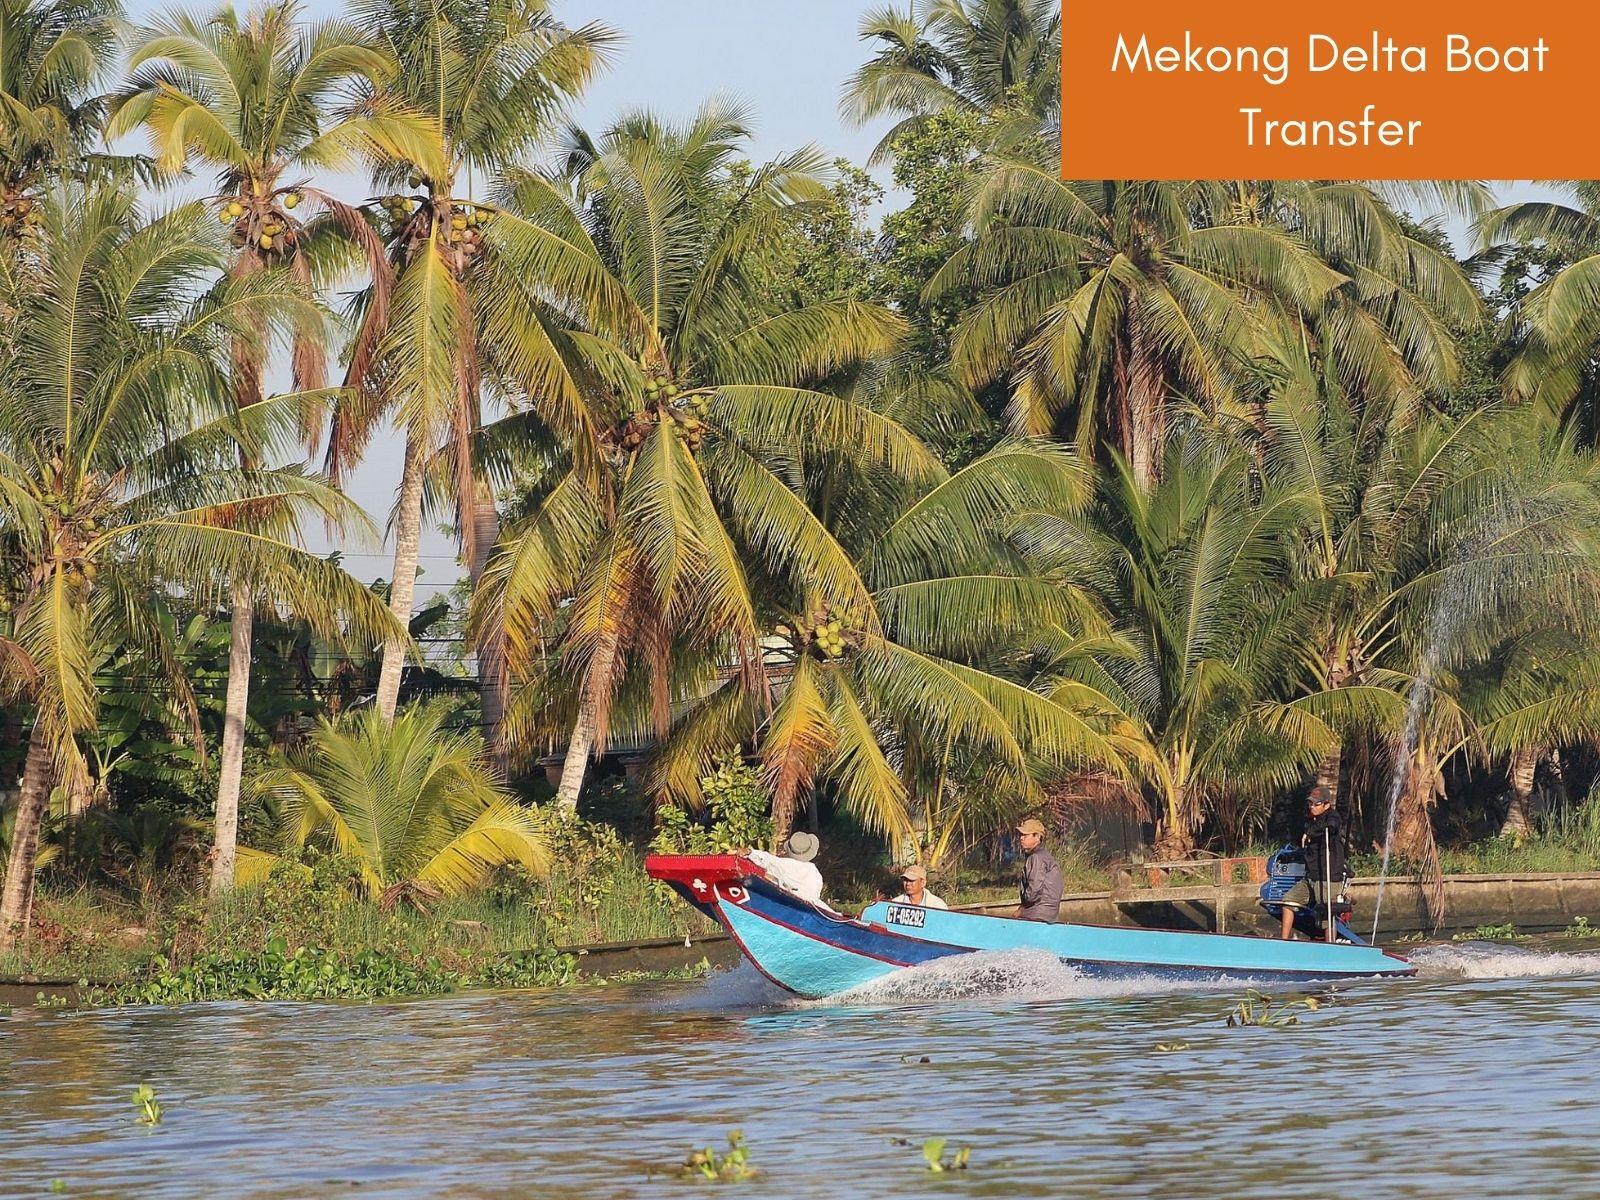 Mekong Delta tour from Saigon